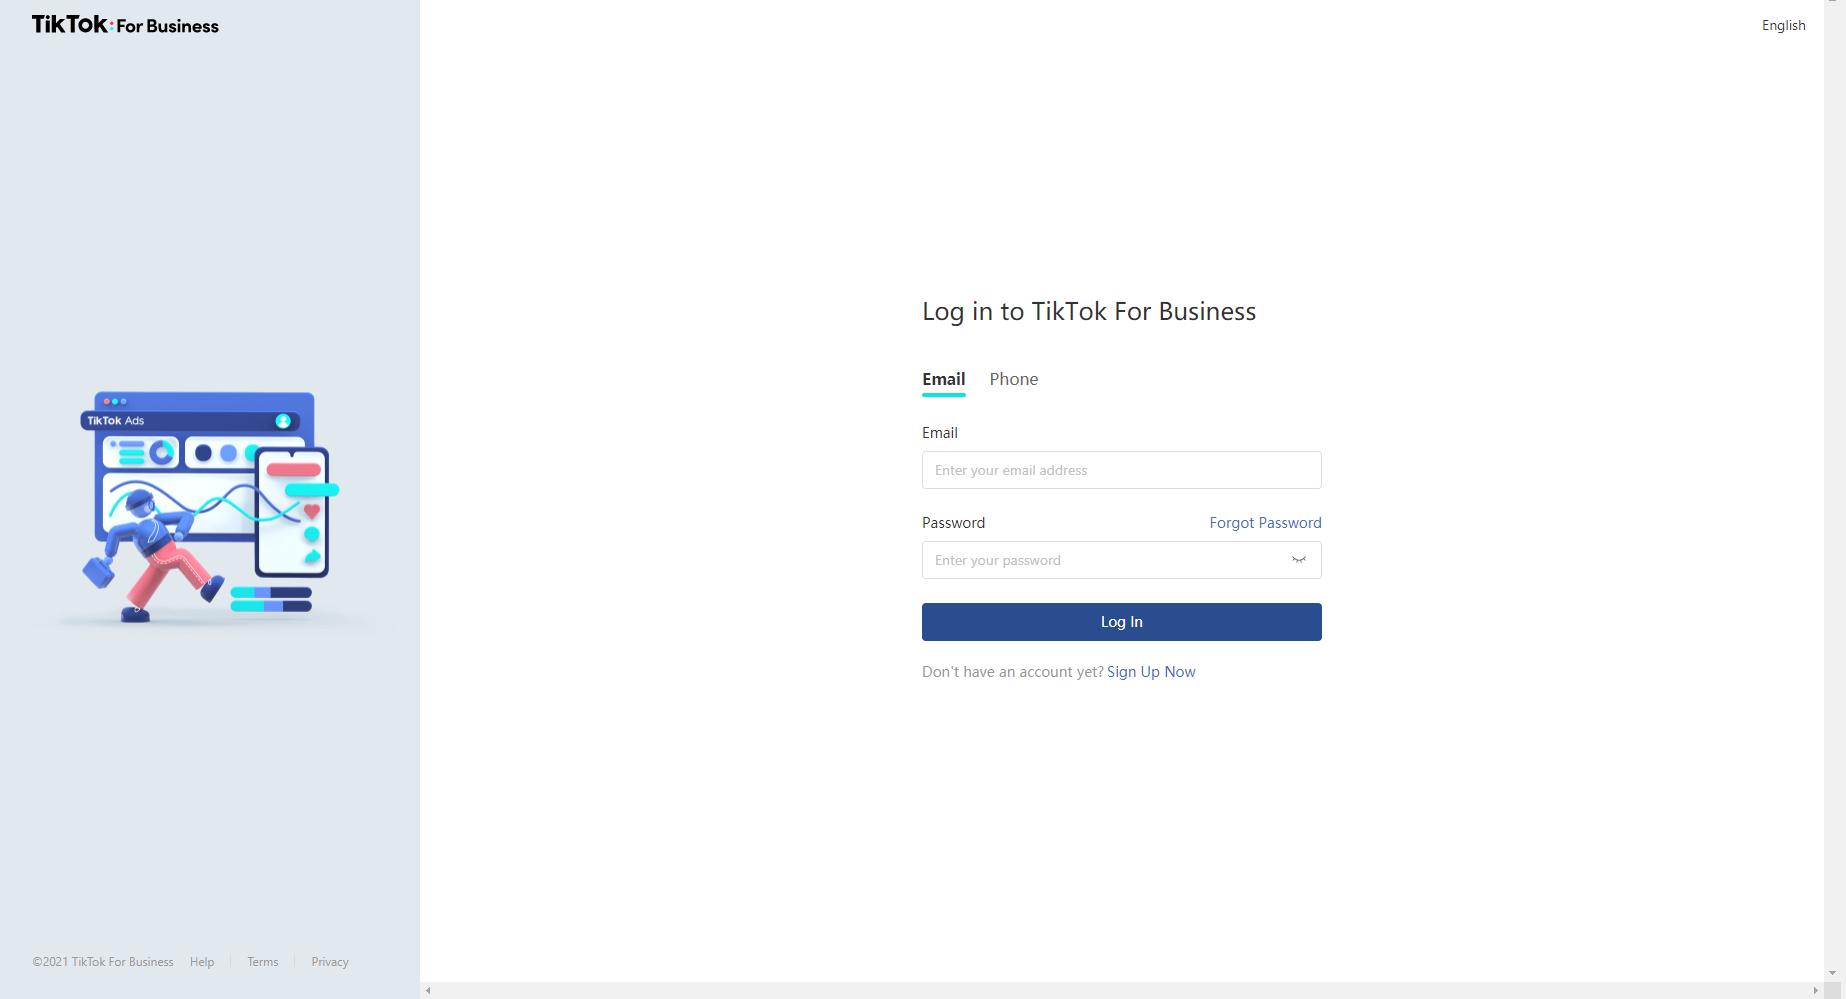 TikTok For Business Login Screenshot